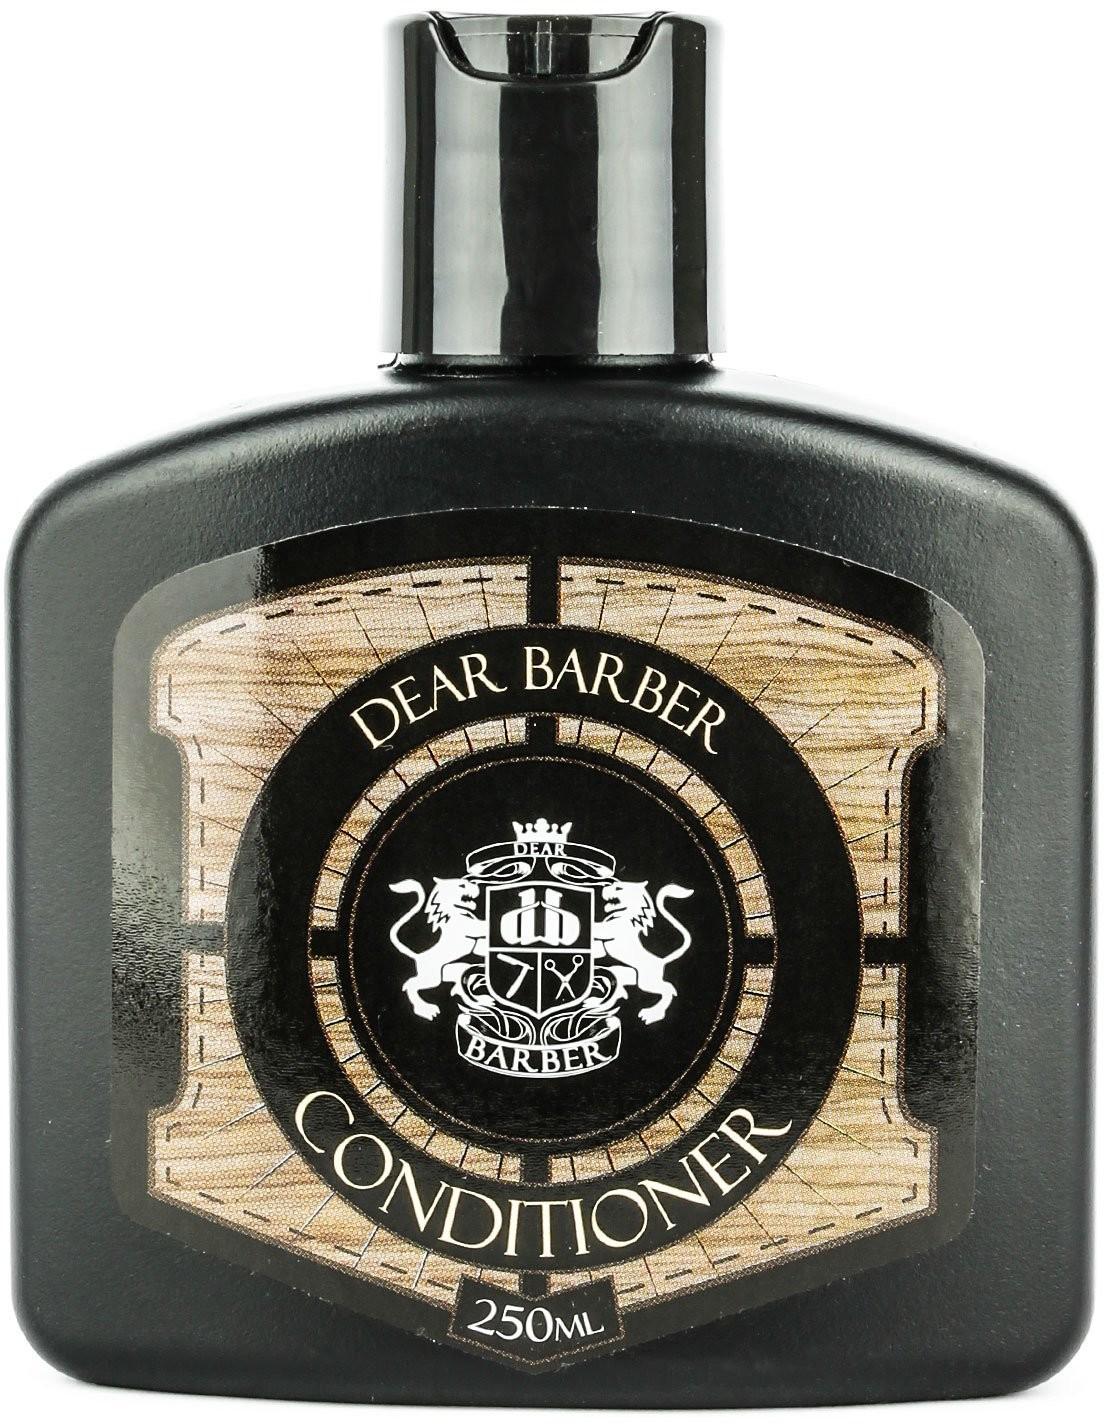 Dear Barber Odżywka do pielęgnacji włosów i brody 250ml